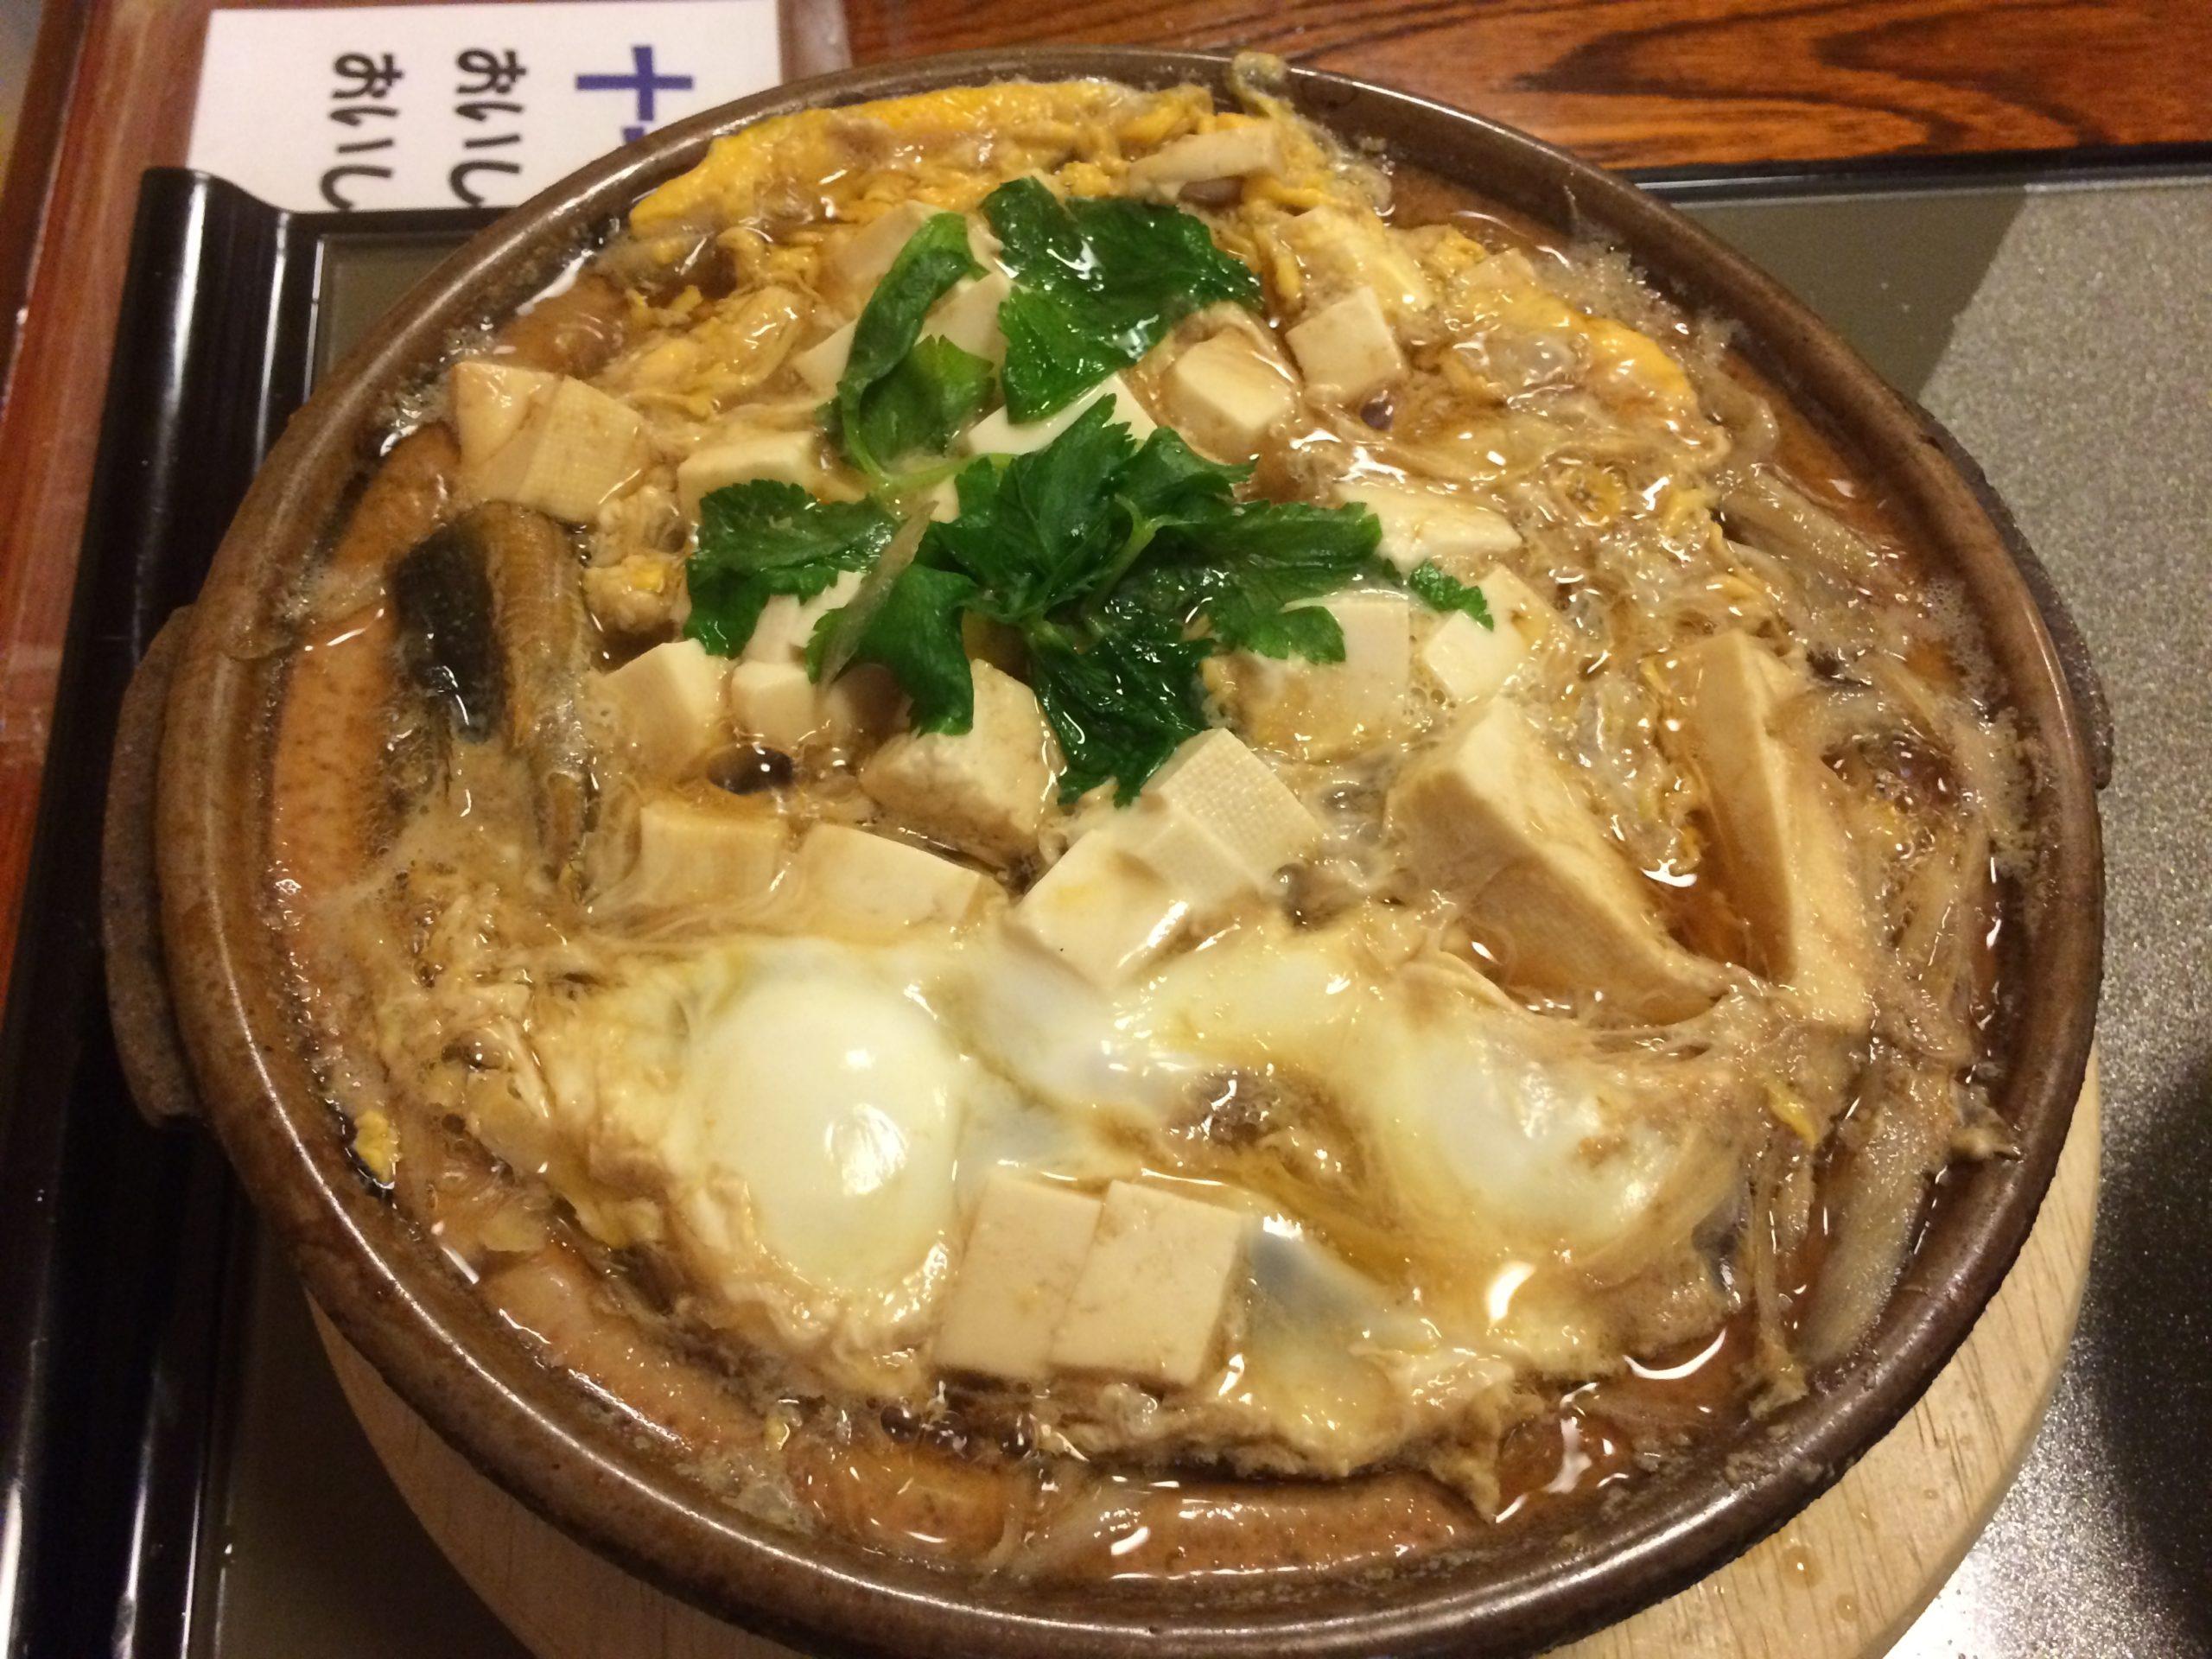 【アイモバリアルグルメツアー】/柳川/大牟田/筑後エリアで柳川鍋をいただく